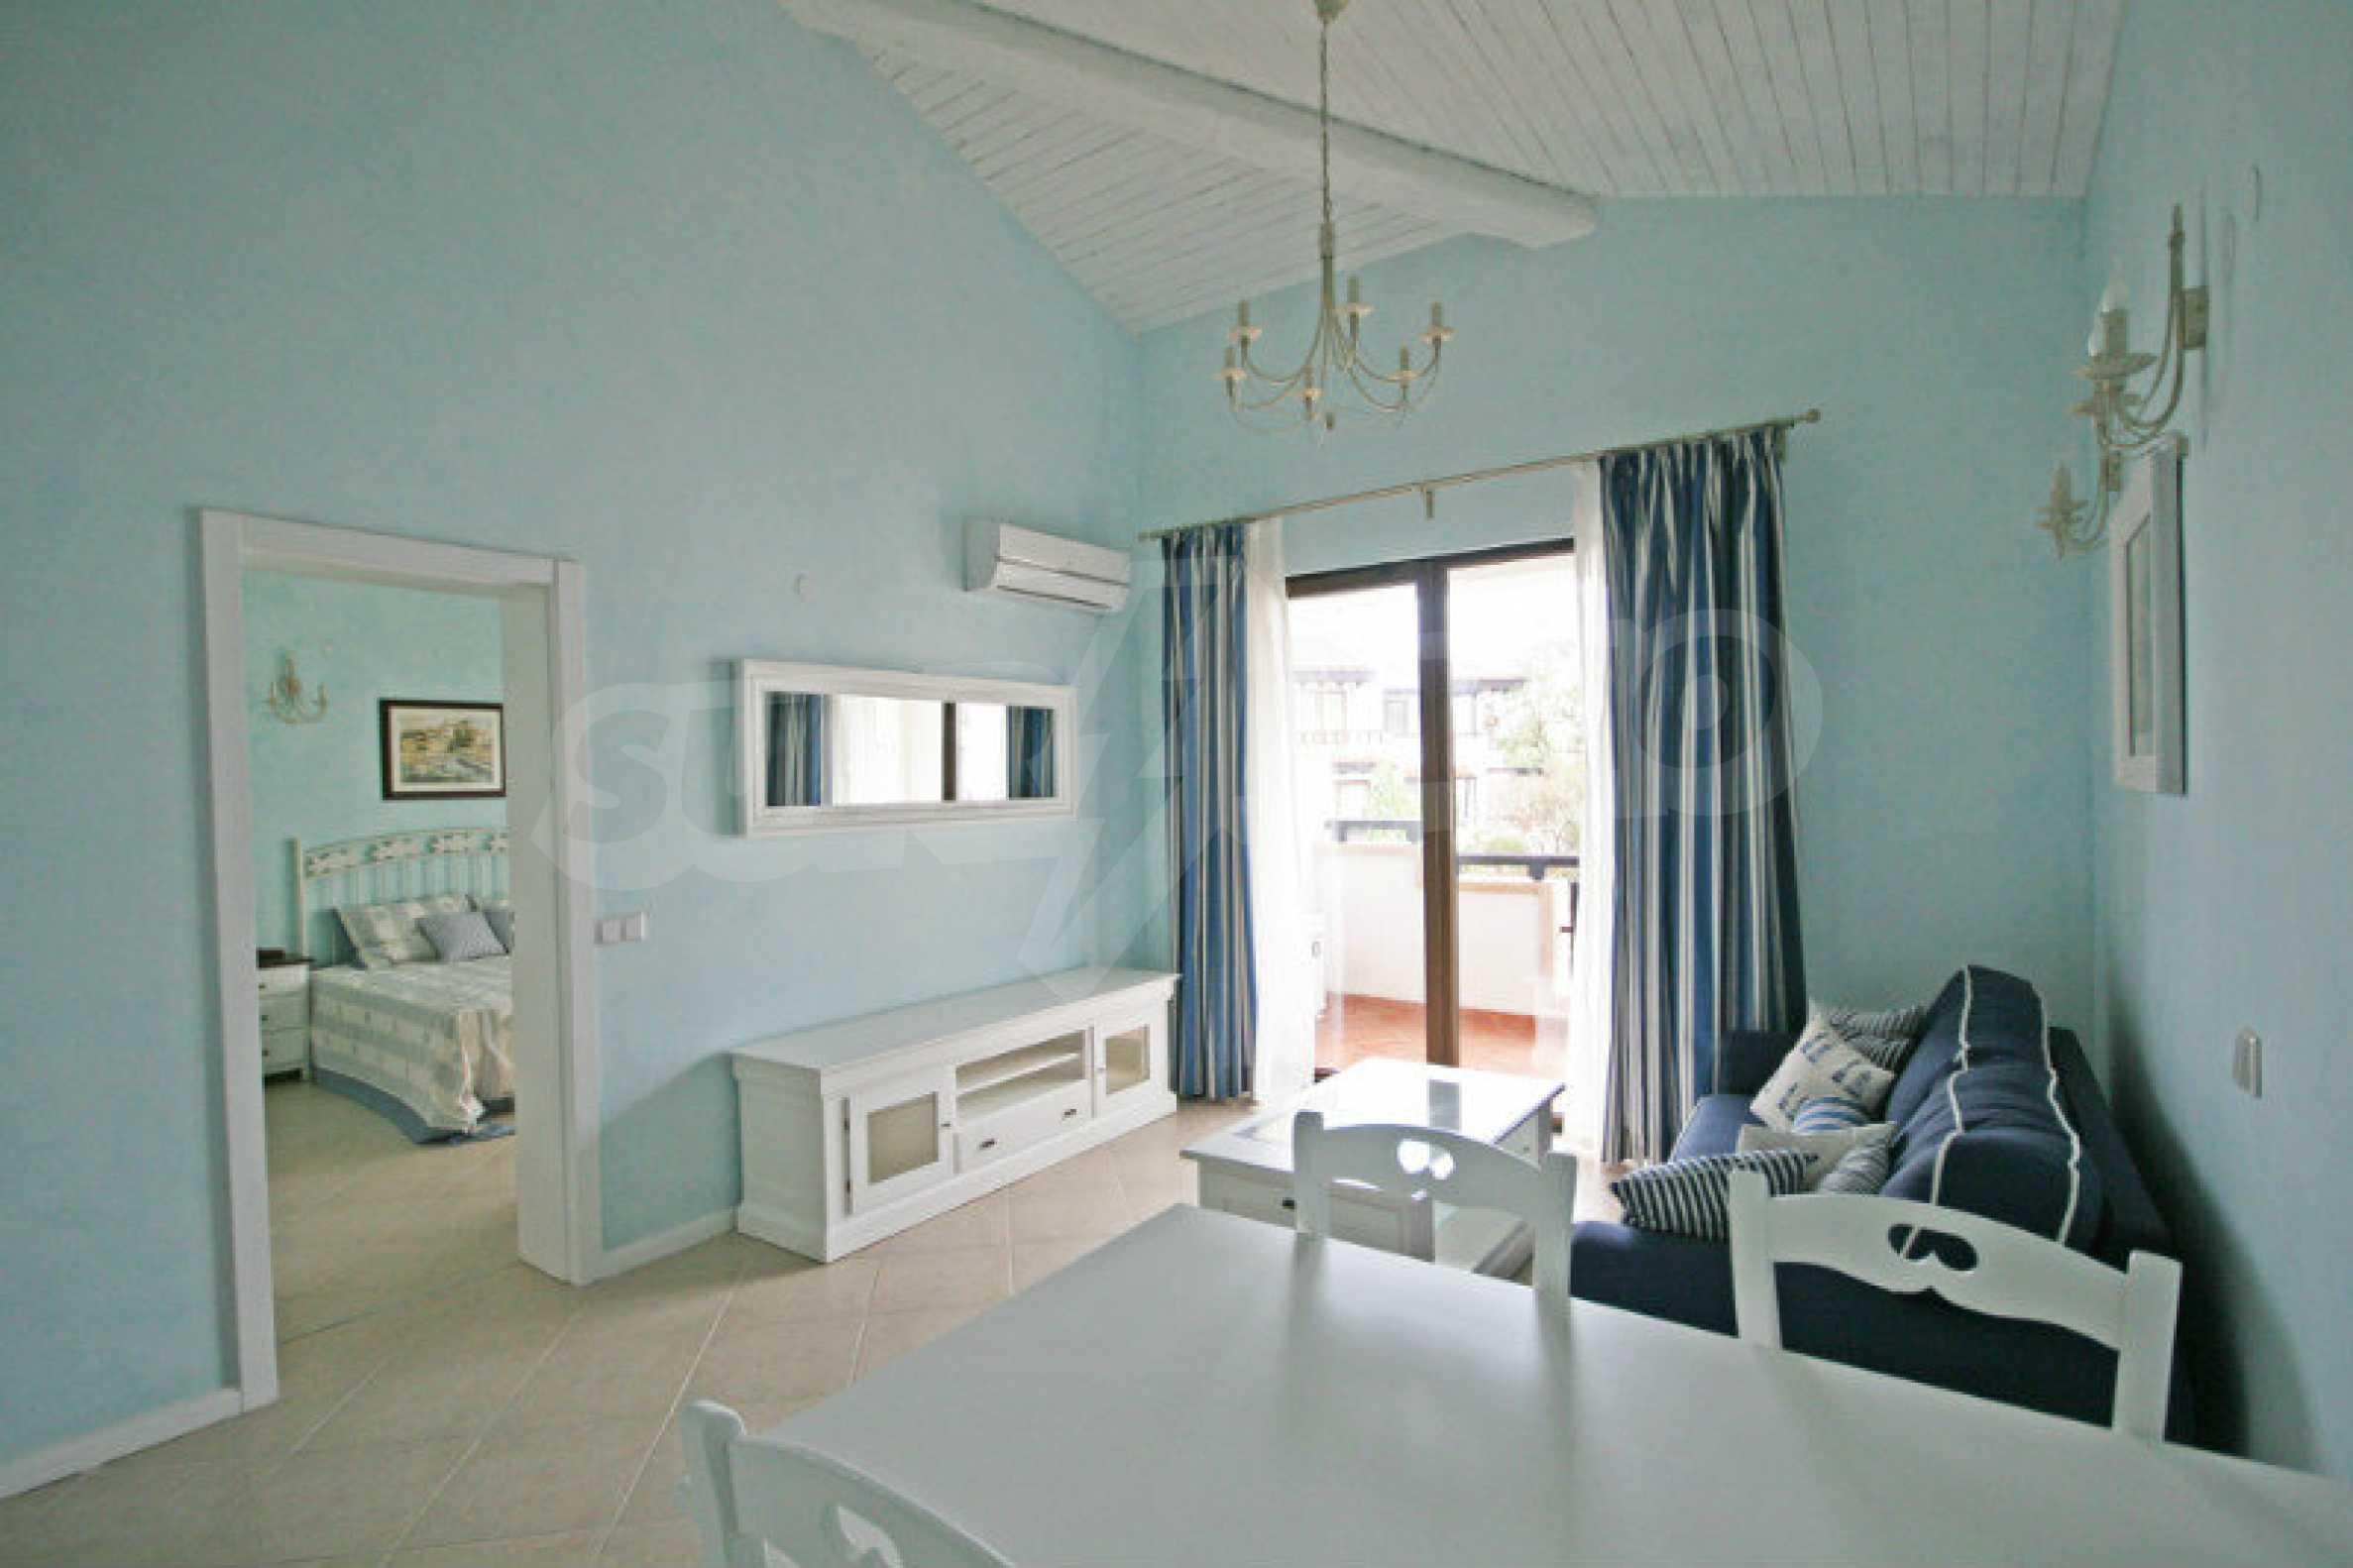 Apartment mit zwei Schlafzimmern und stilvollen Möbeln in einem Komplex in erster Linie 5